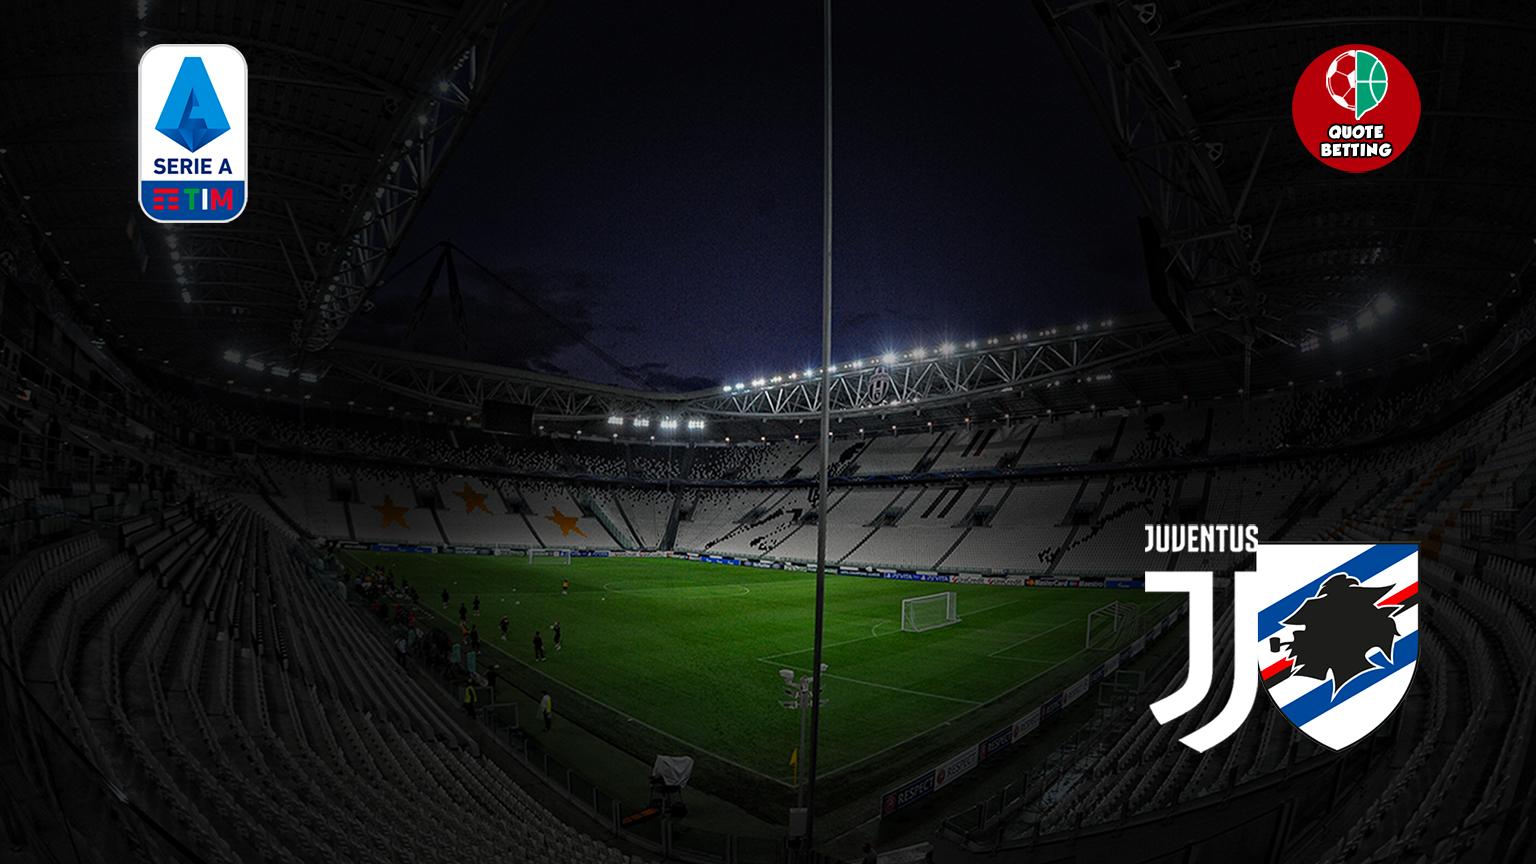 odds juve sampdoria tempat untuk melihat di tv prediksi formasi odds seri a taruhan sepak bola italia juventus samp